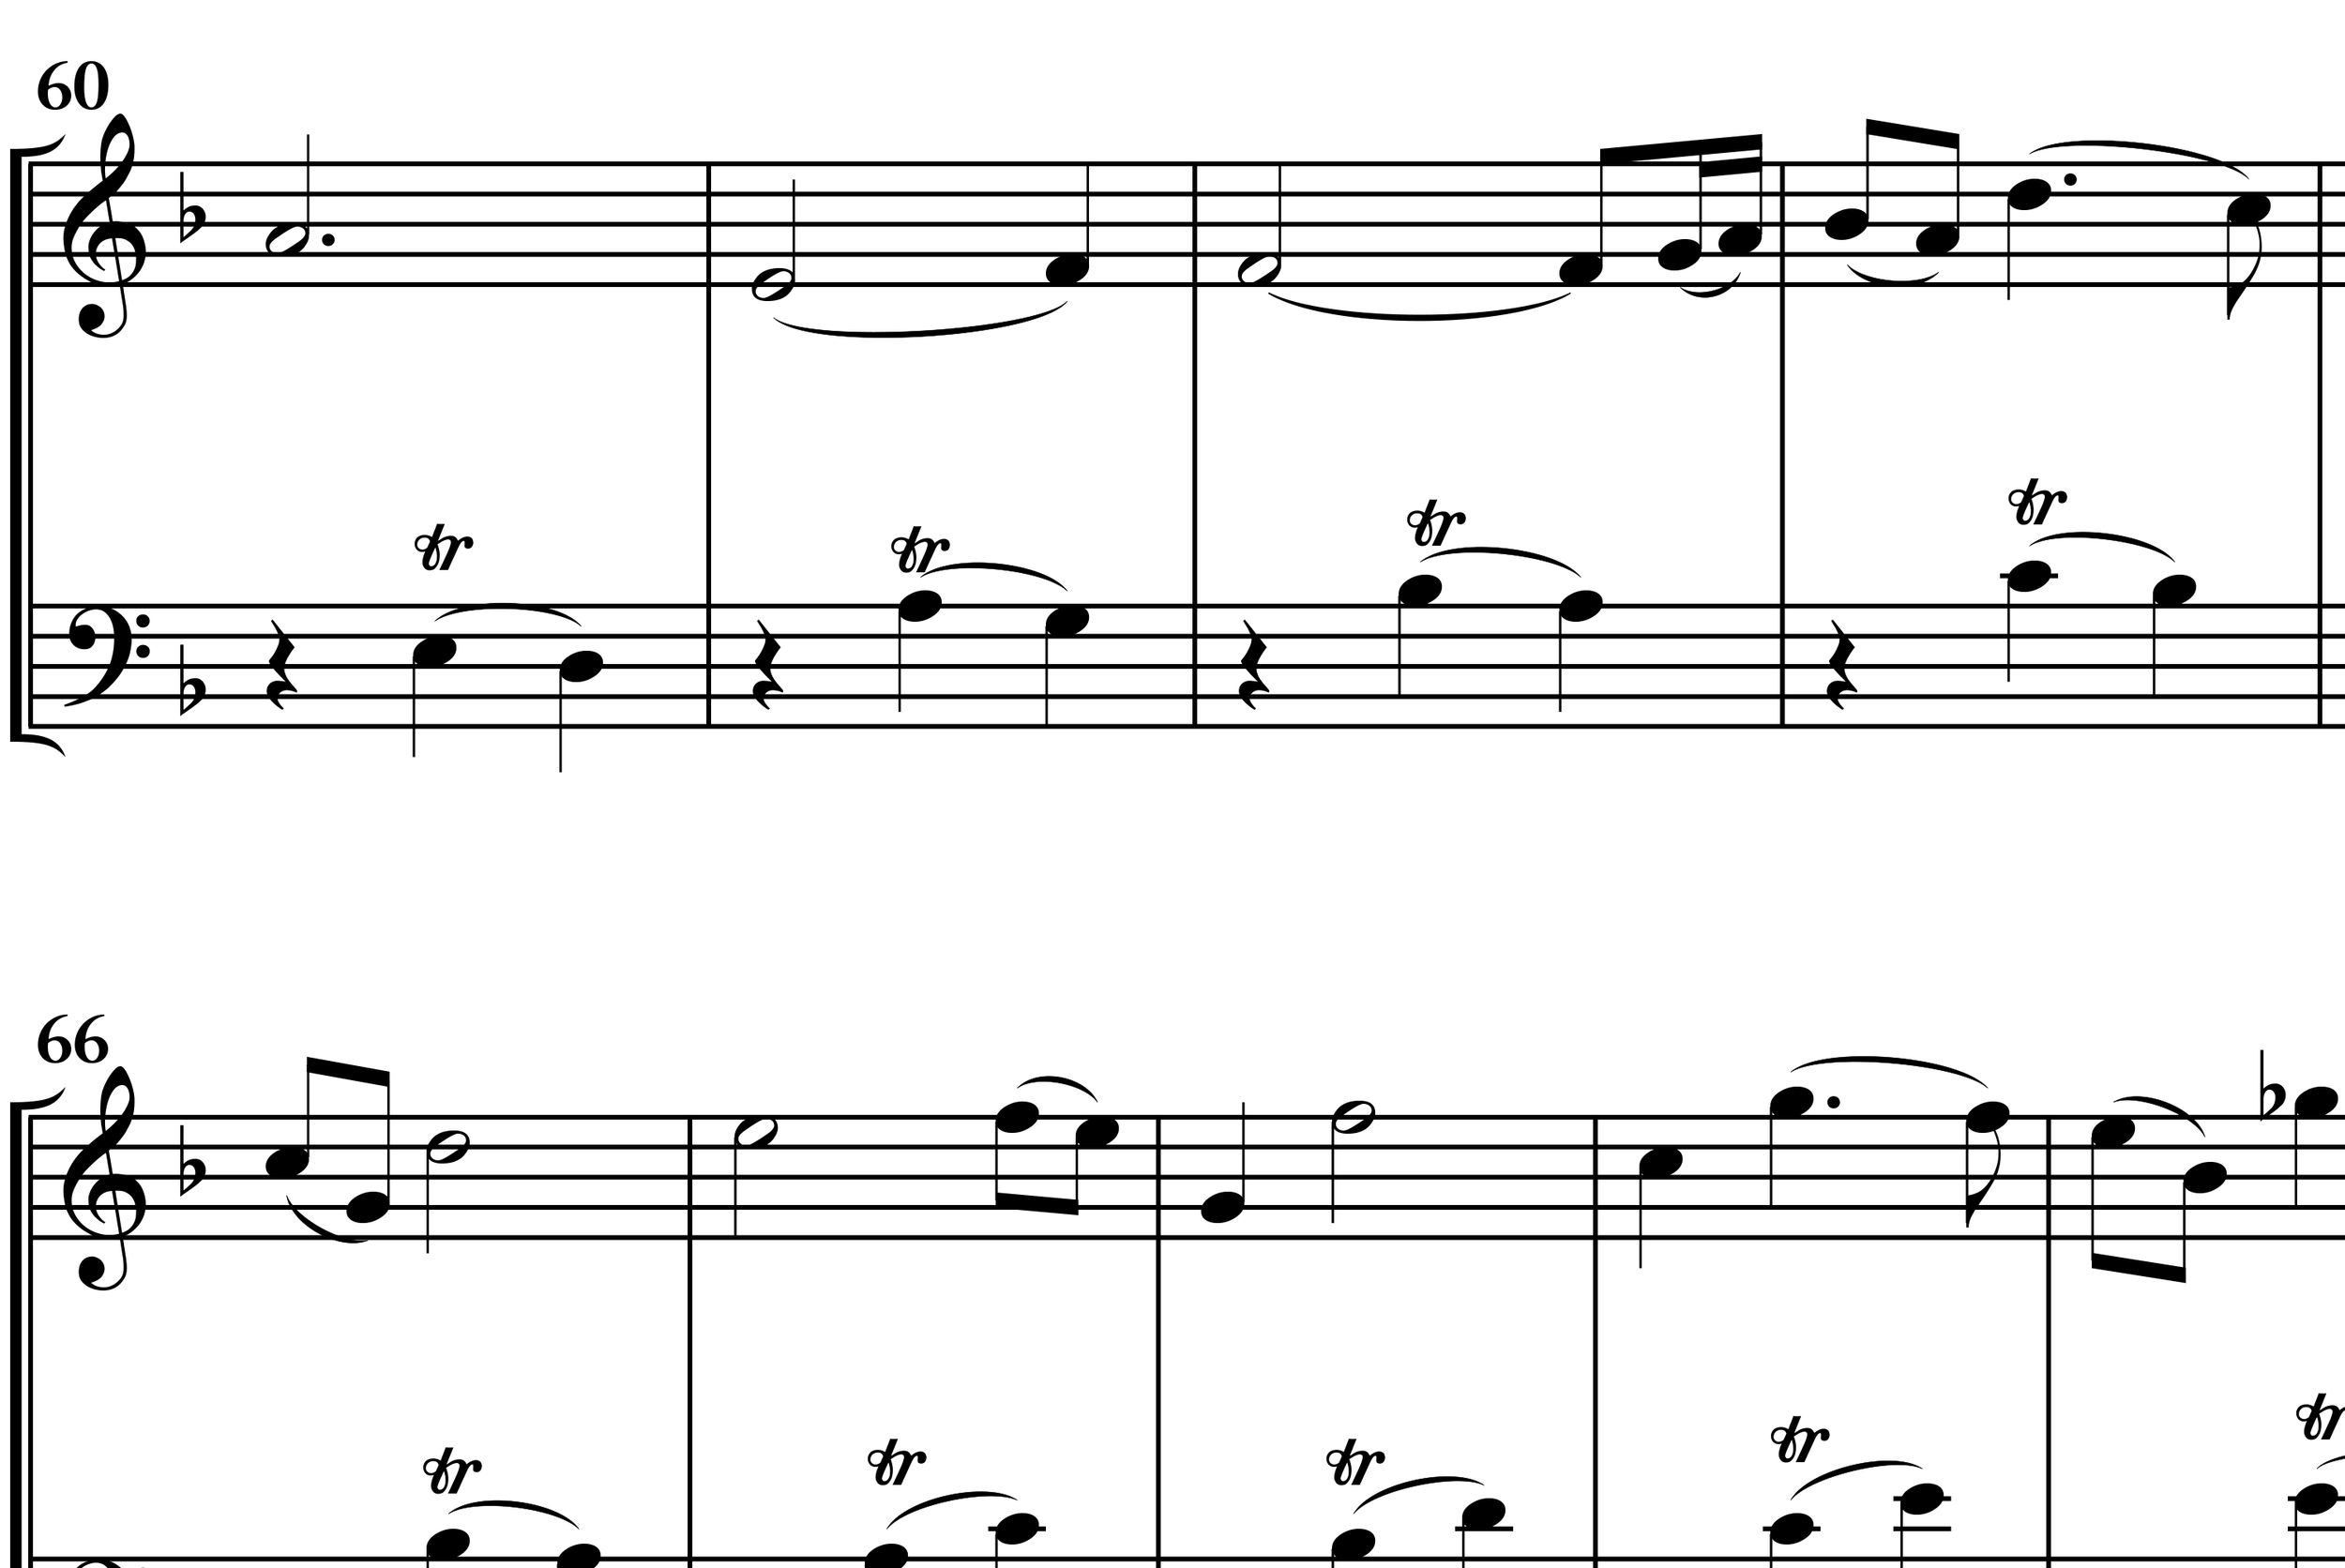 Cello Duiet Score-5.png